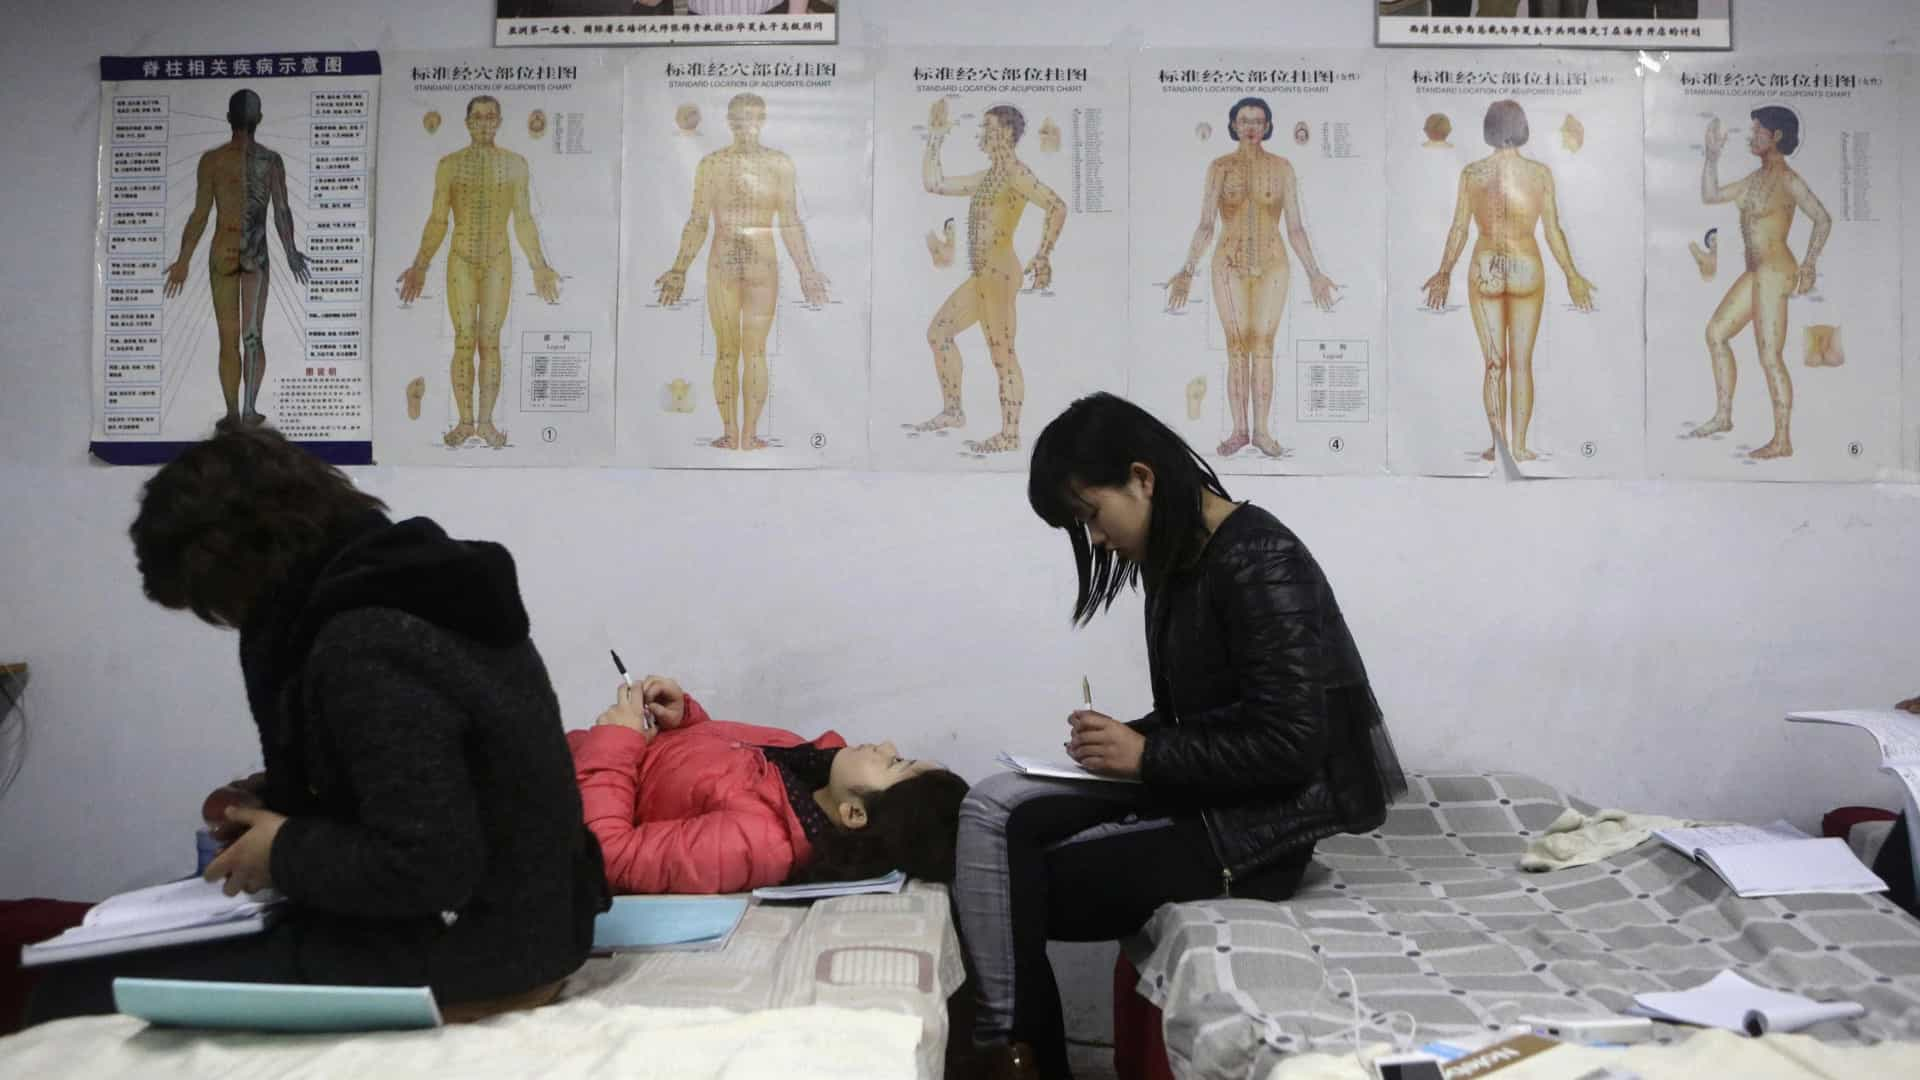 Ministros dizem estar a cumprir a lei sobre medicina chinesa